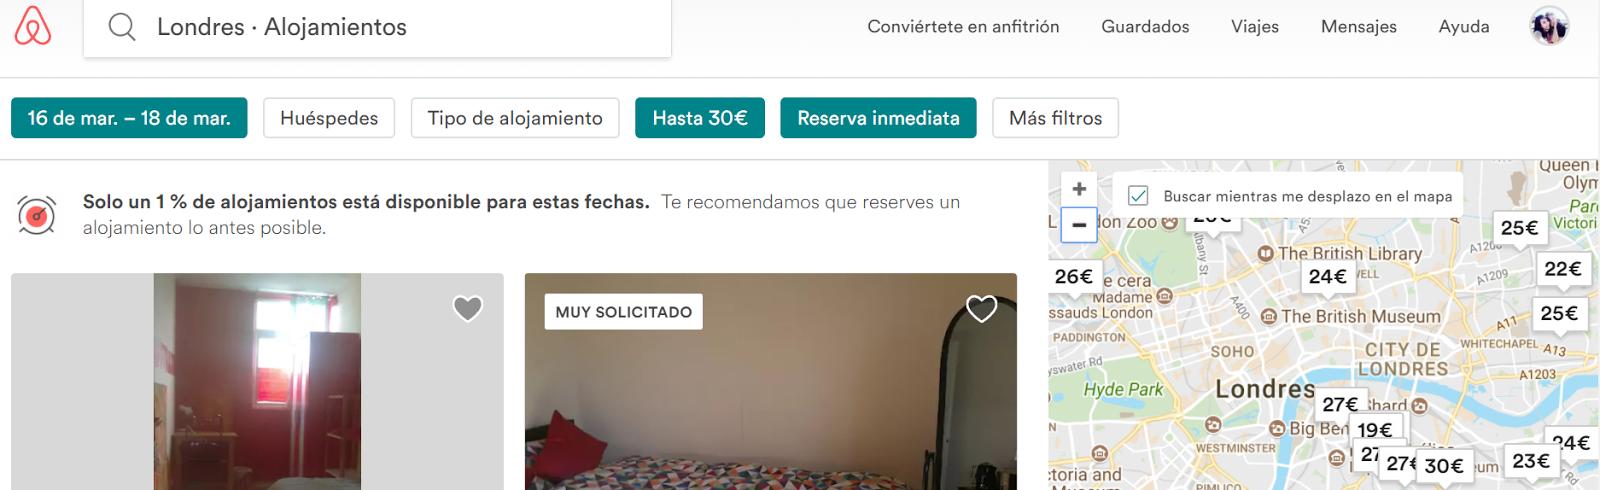 airbnb_alojamientos_londres_mapa